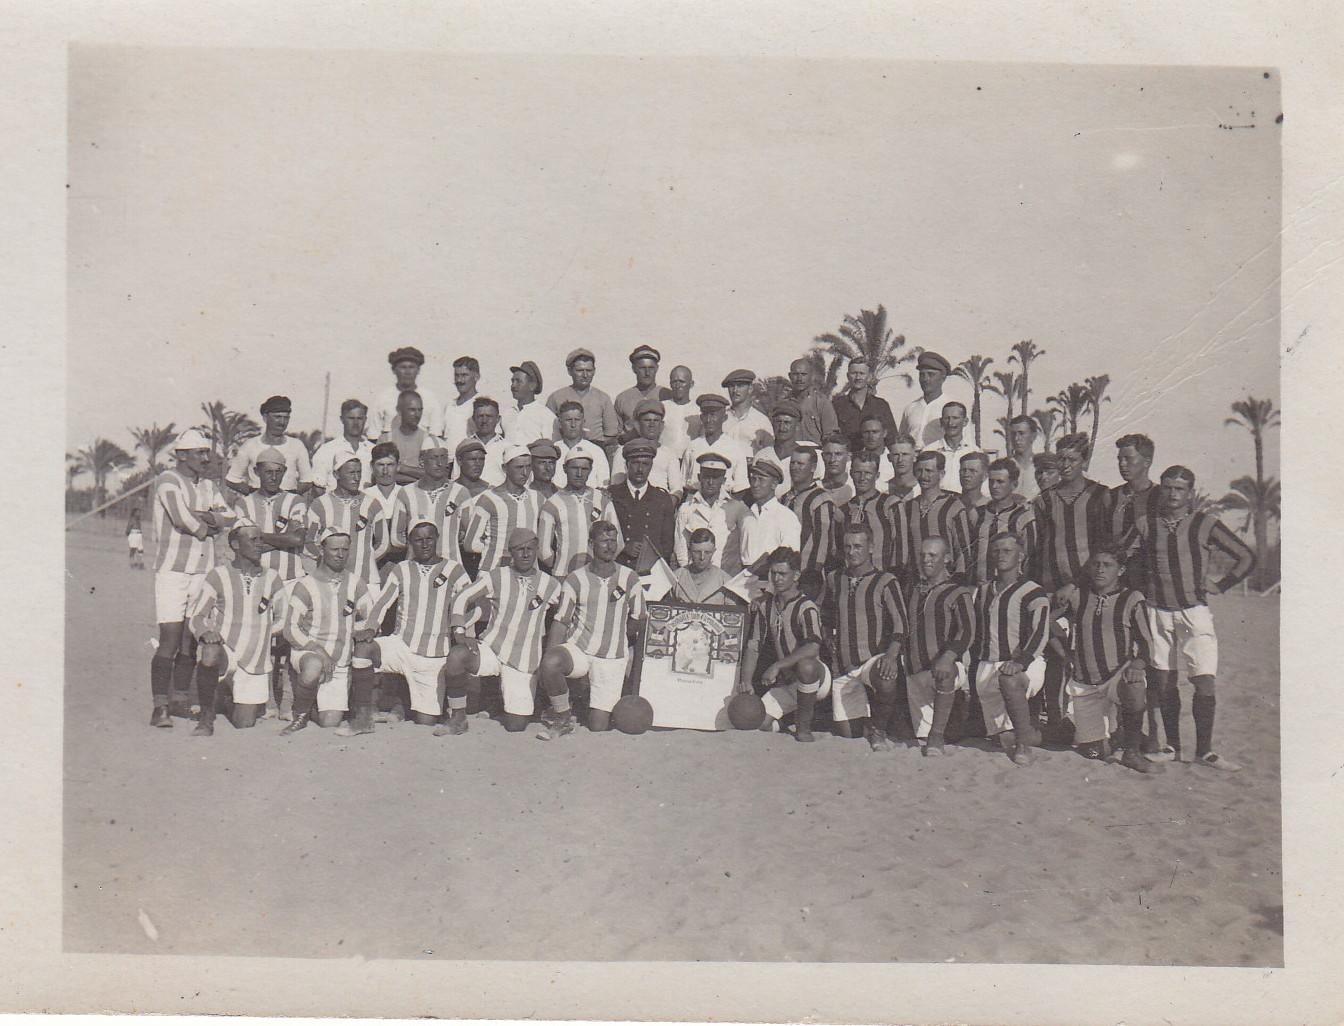 Mannschaften des Fussball Club Germania zum Sportfest am 10.08.1919 in Sidi Bishr